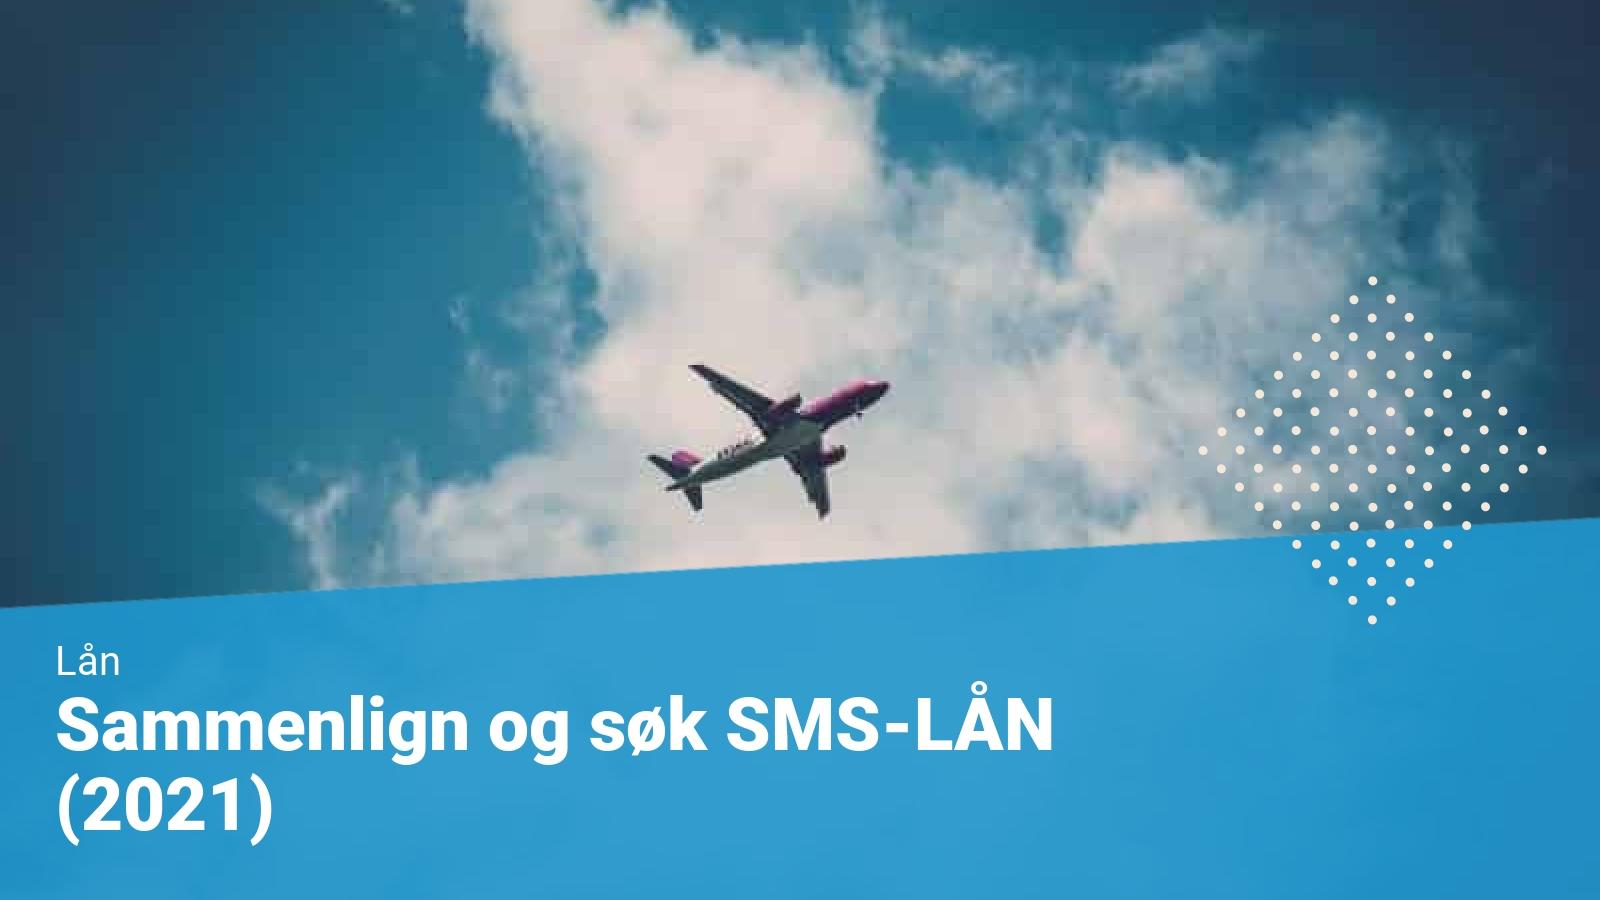 sms-lan